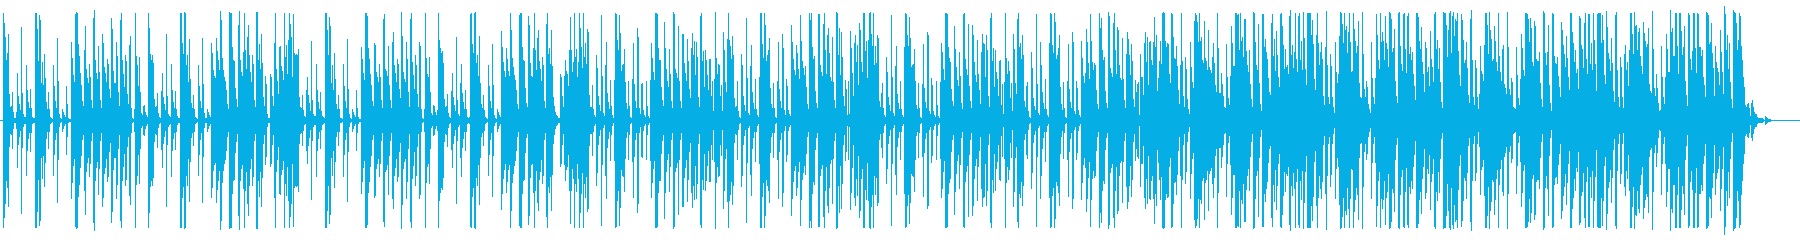 コミカル/ヒップホップ_No473_2の再生済みの波形